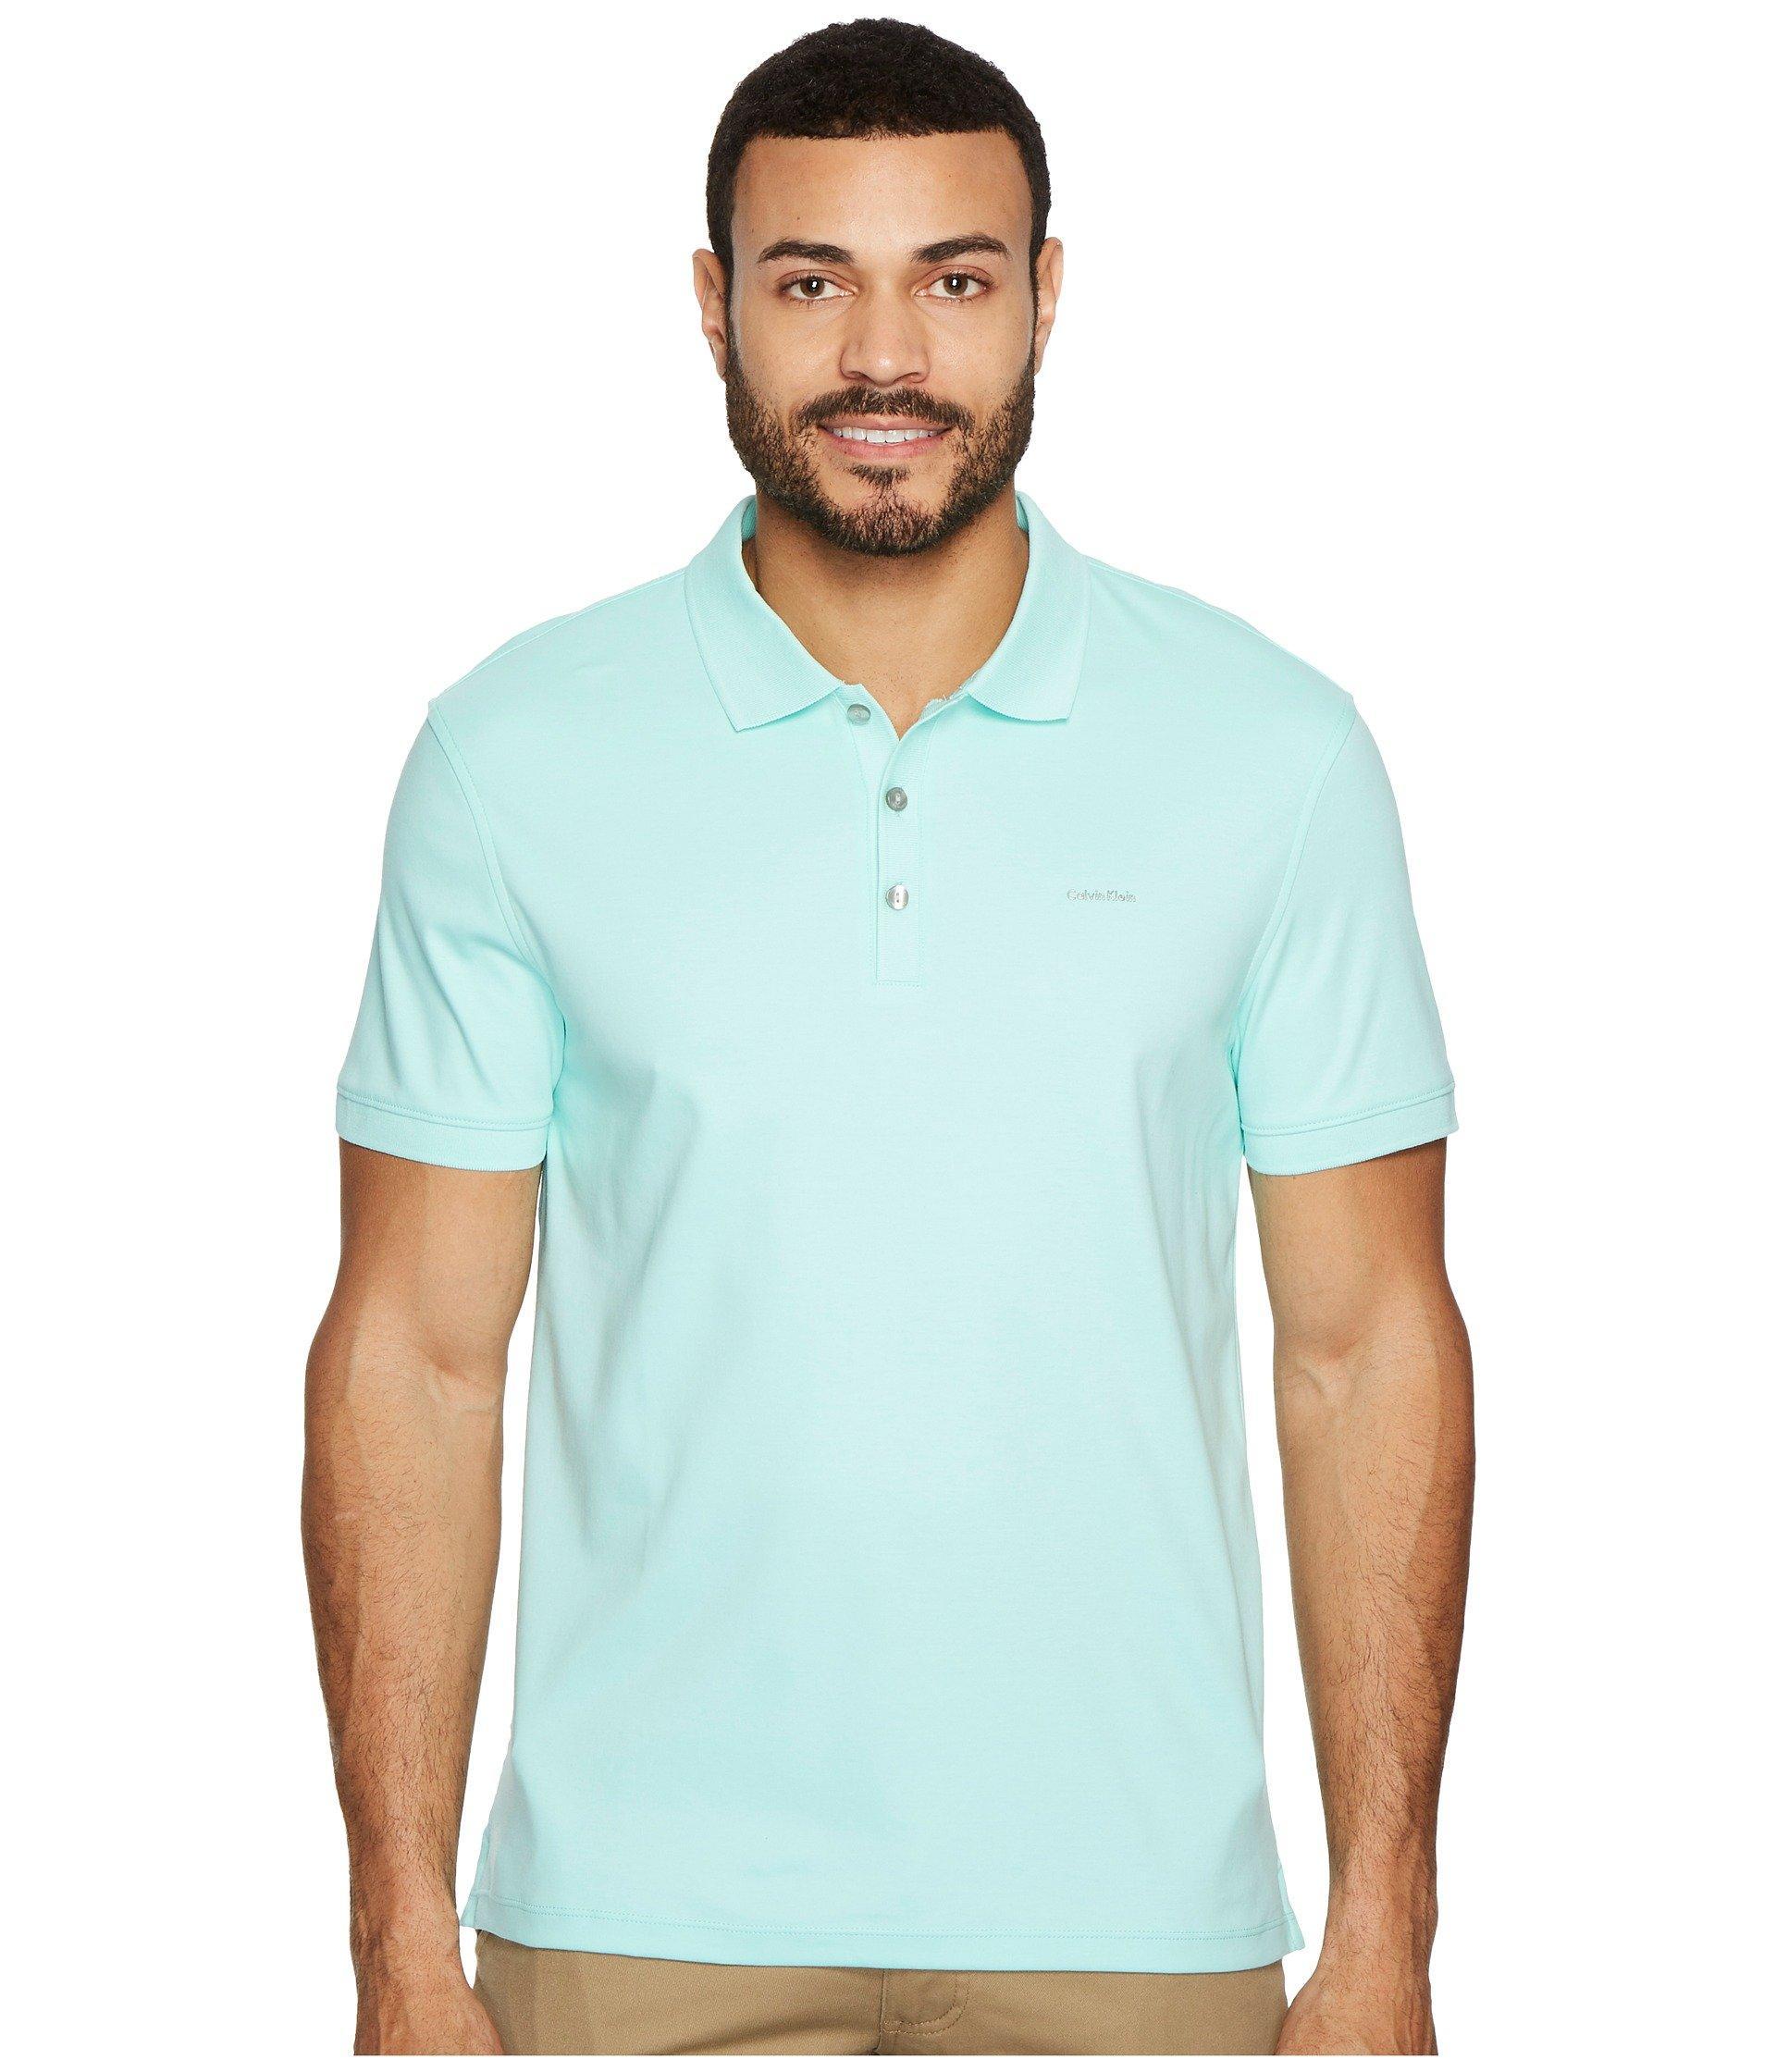 Calvin Klein Liquid Touch Polo Shirt In Beach Glass